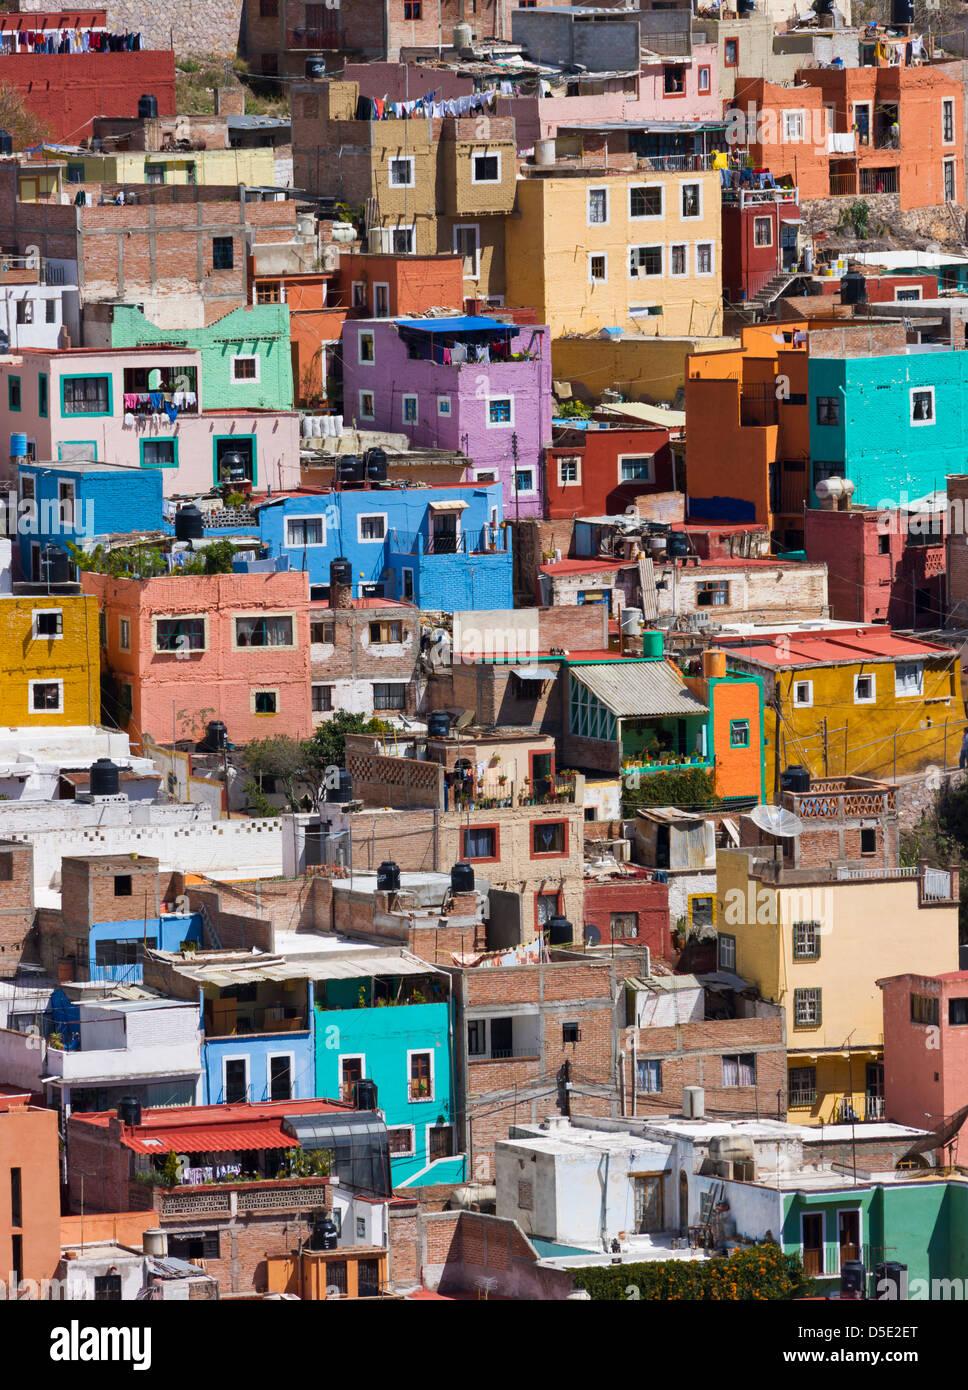 Luftaufnahme von bunten Häusern von Guanajuato, Mexiko Stockbild